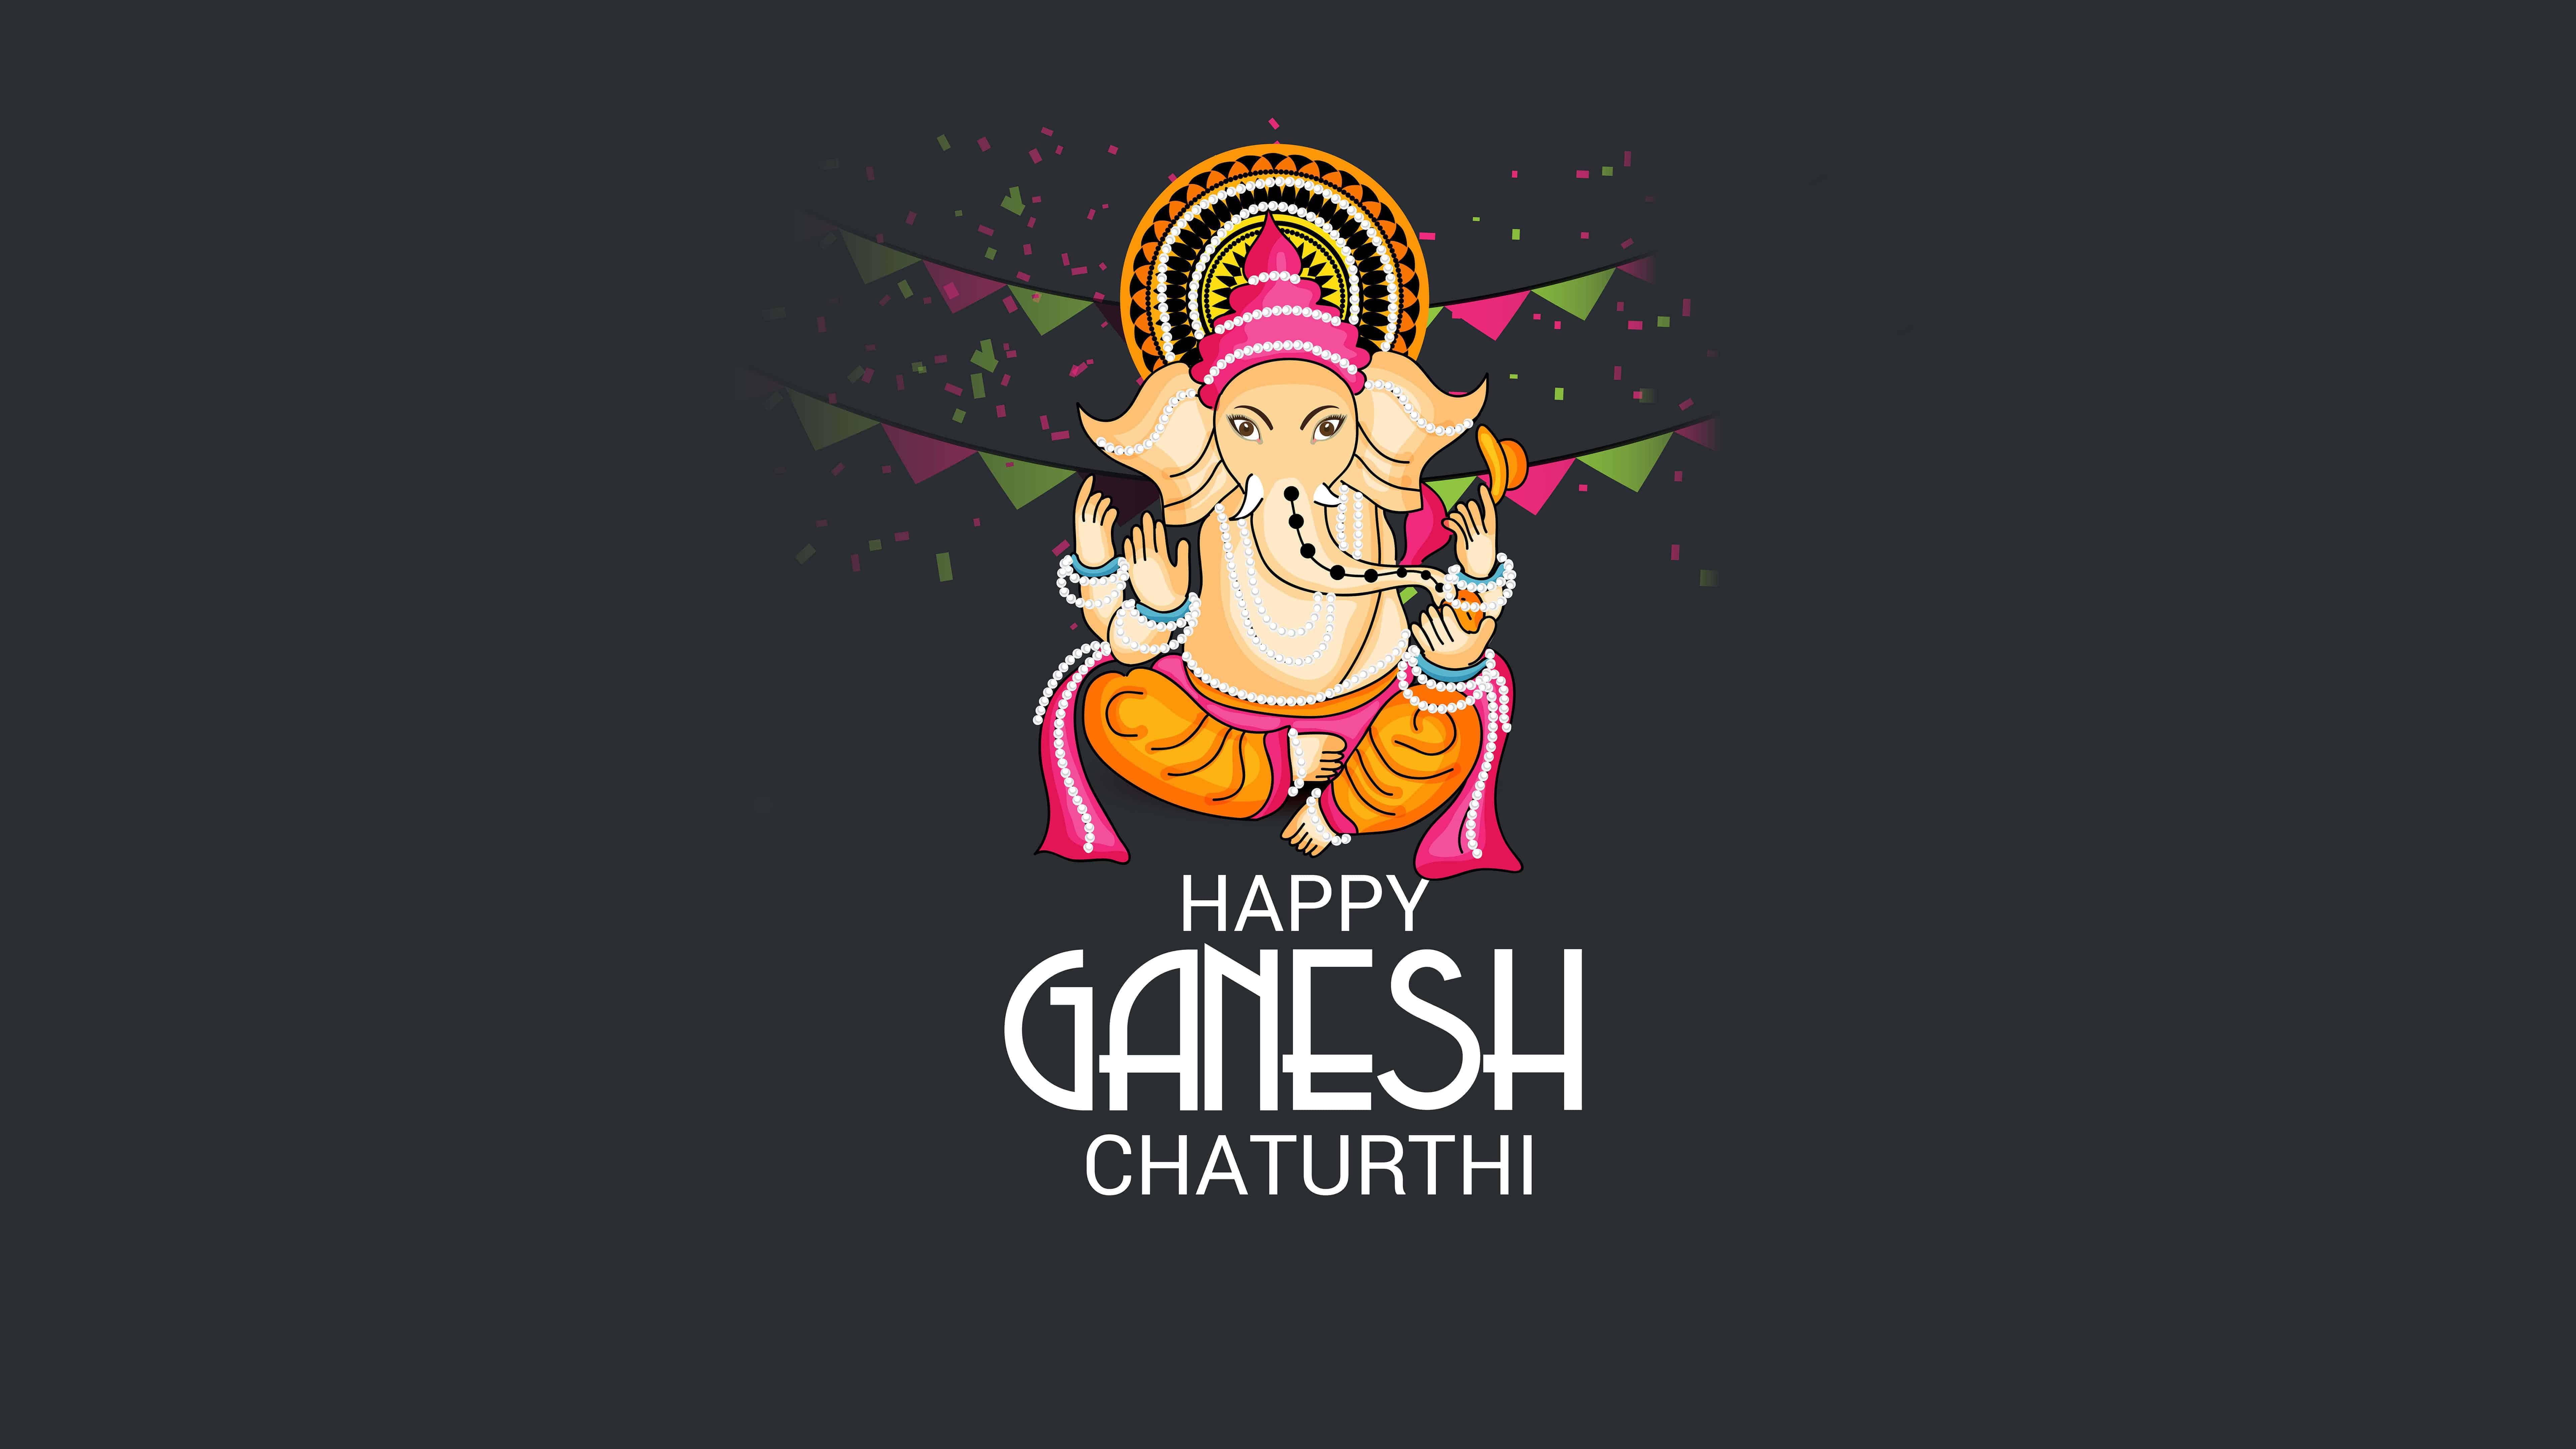 7680x4320 Hình nền Happy Ganesh Chaturthi UHD 8K